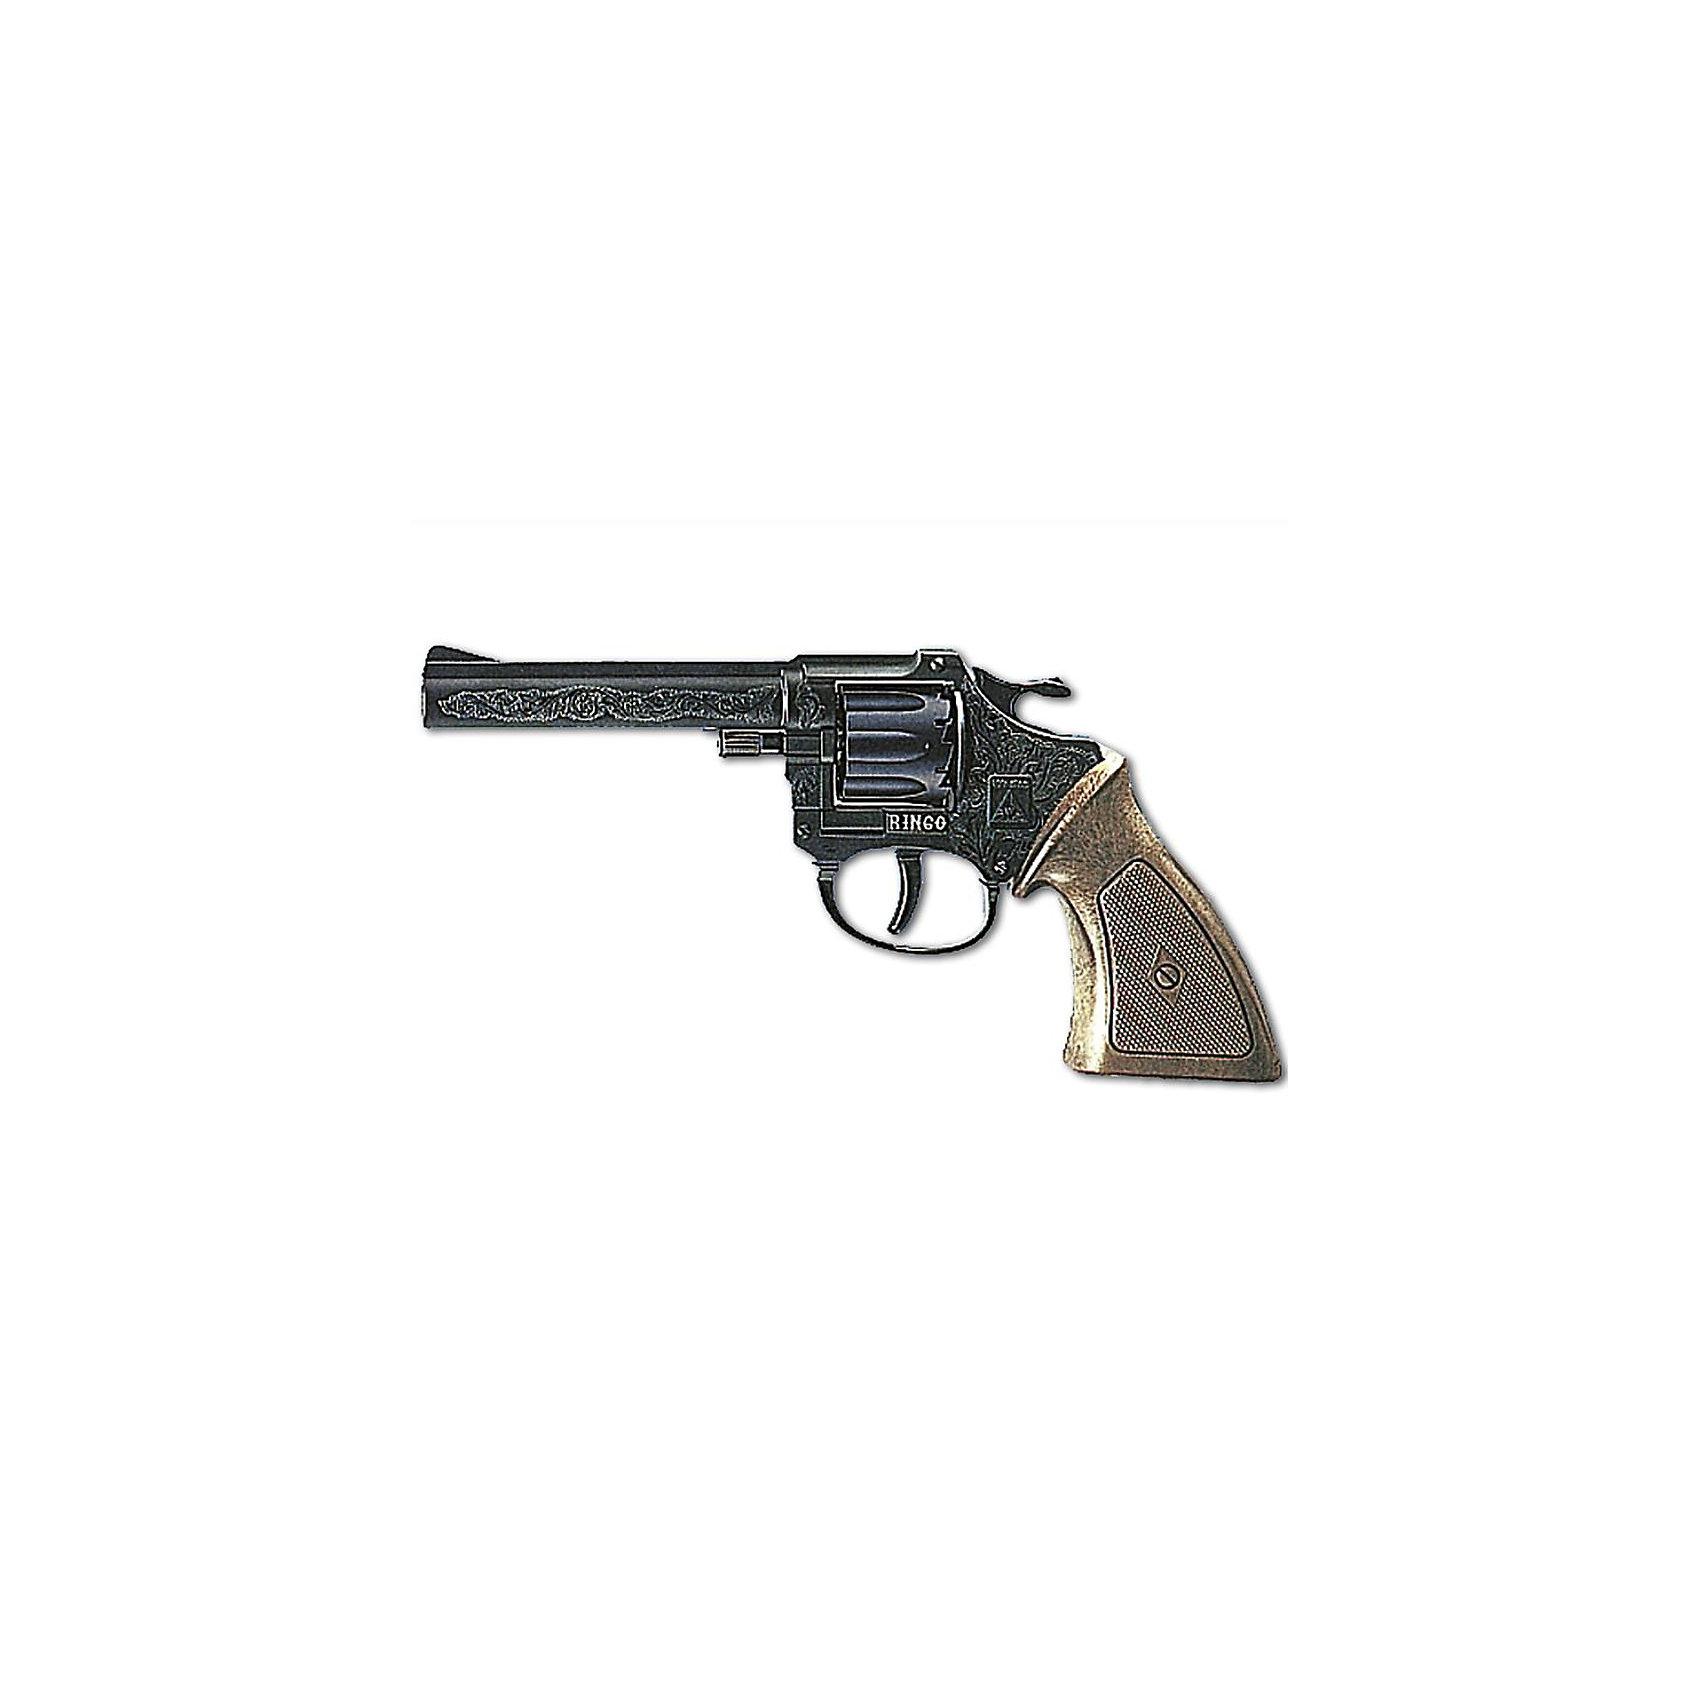 - Пистолет Ringo, 8-зарядный,  Sohni-Wicke купить б у сони плейстейшен 2 с экраном